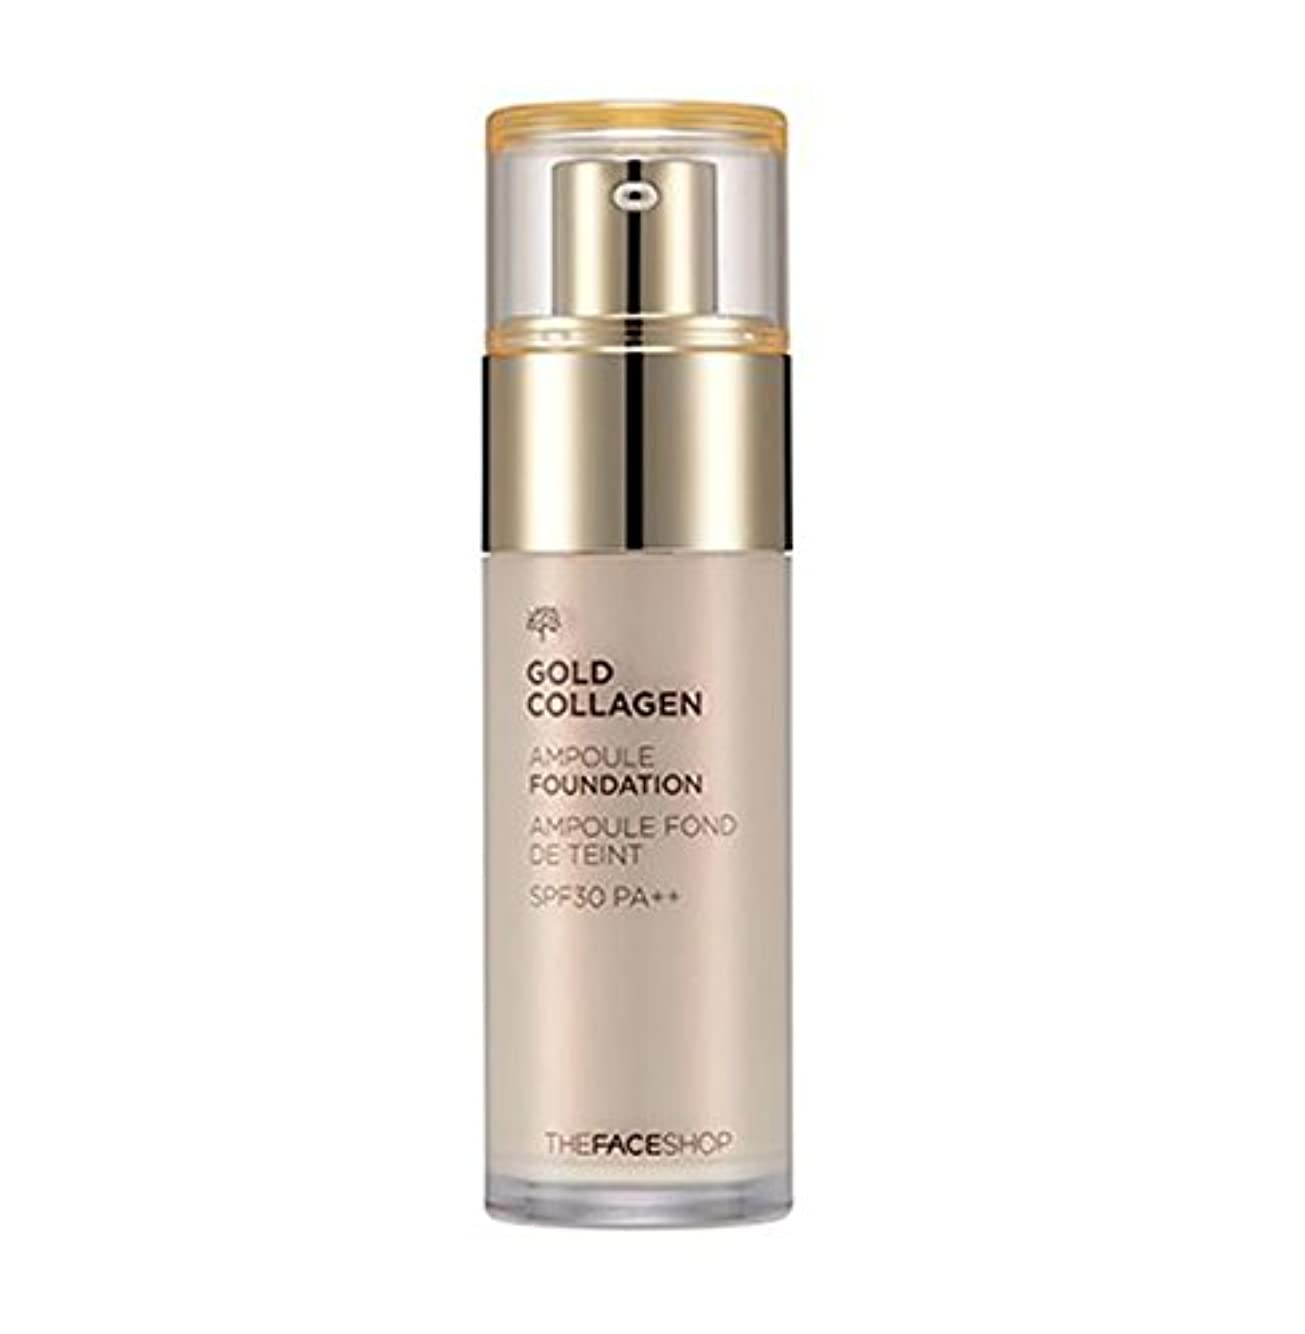 ミント意気込みオズワルド.ザ·フェイスショップ ゴールドコラーゲンアンプルファンデーションSPF30 PA +++ 40ml The Face Shop Gold Collagen Ampoule Foundation [海外直送品] (V201...